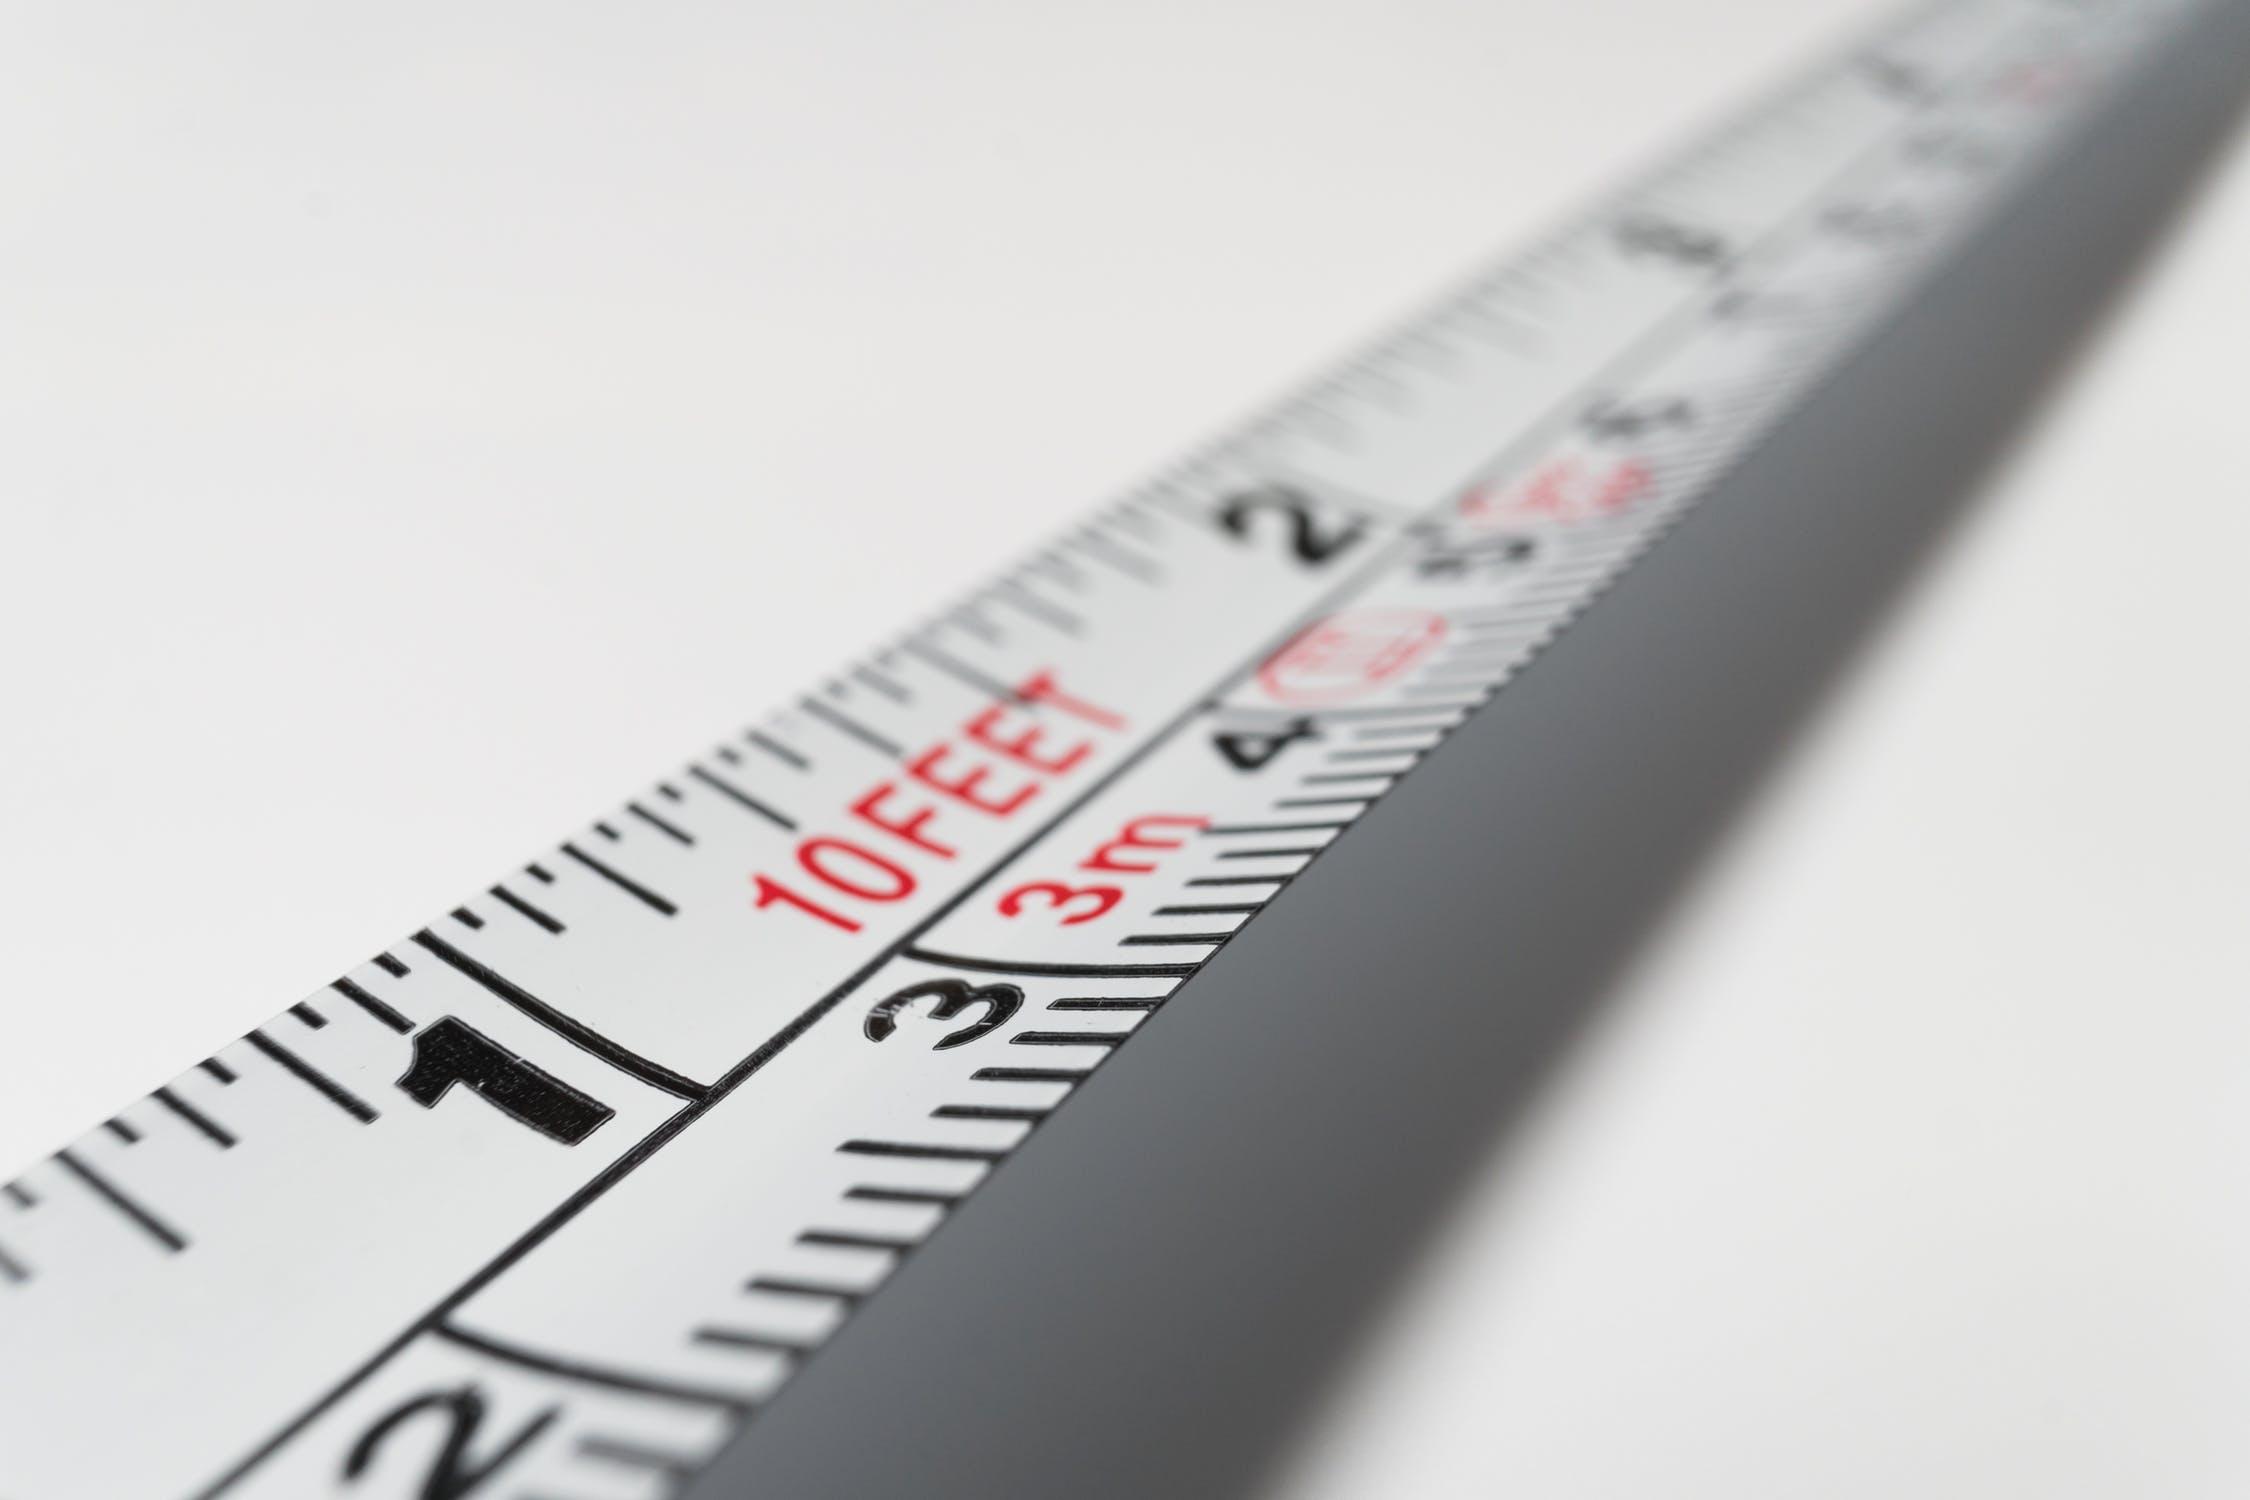 LECȚIE ONLINE: Măsurarea lungimii